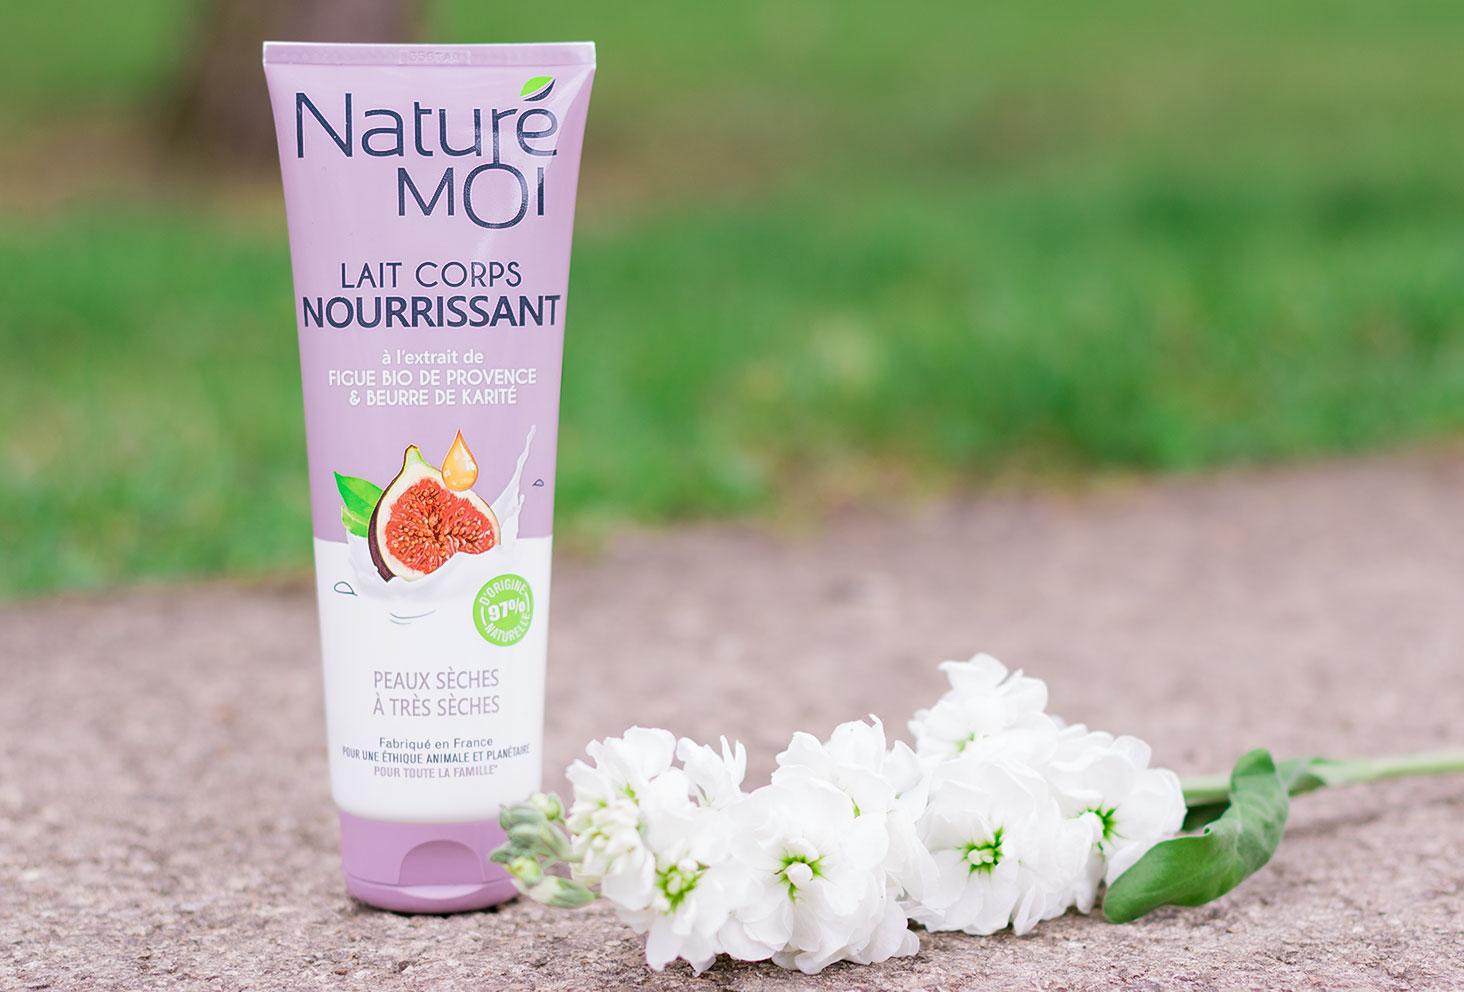 Le lait pour le corps nourrissant Naturé Moi à la figue bio posé sur le sol au milieu des fleurs blanches